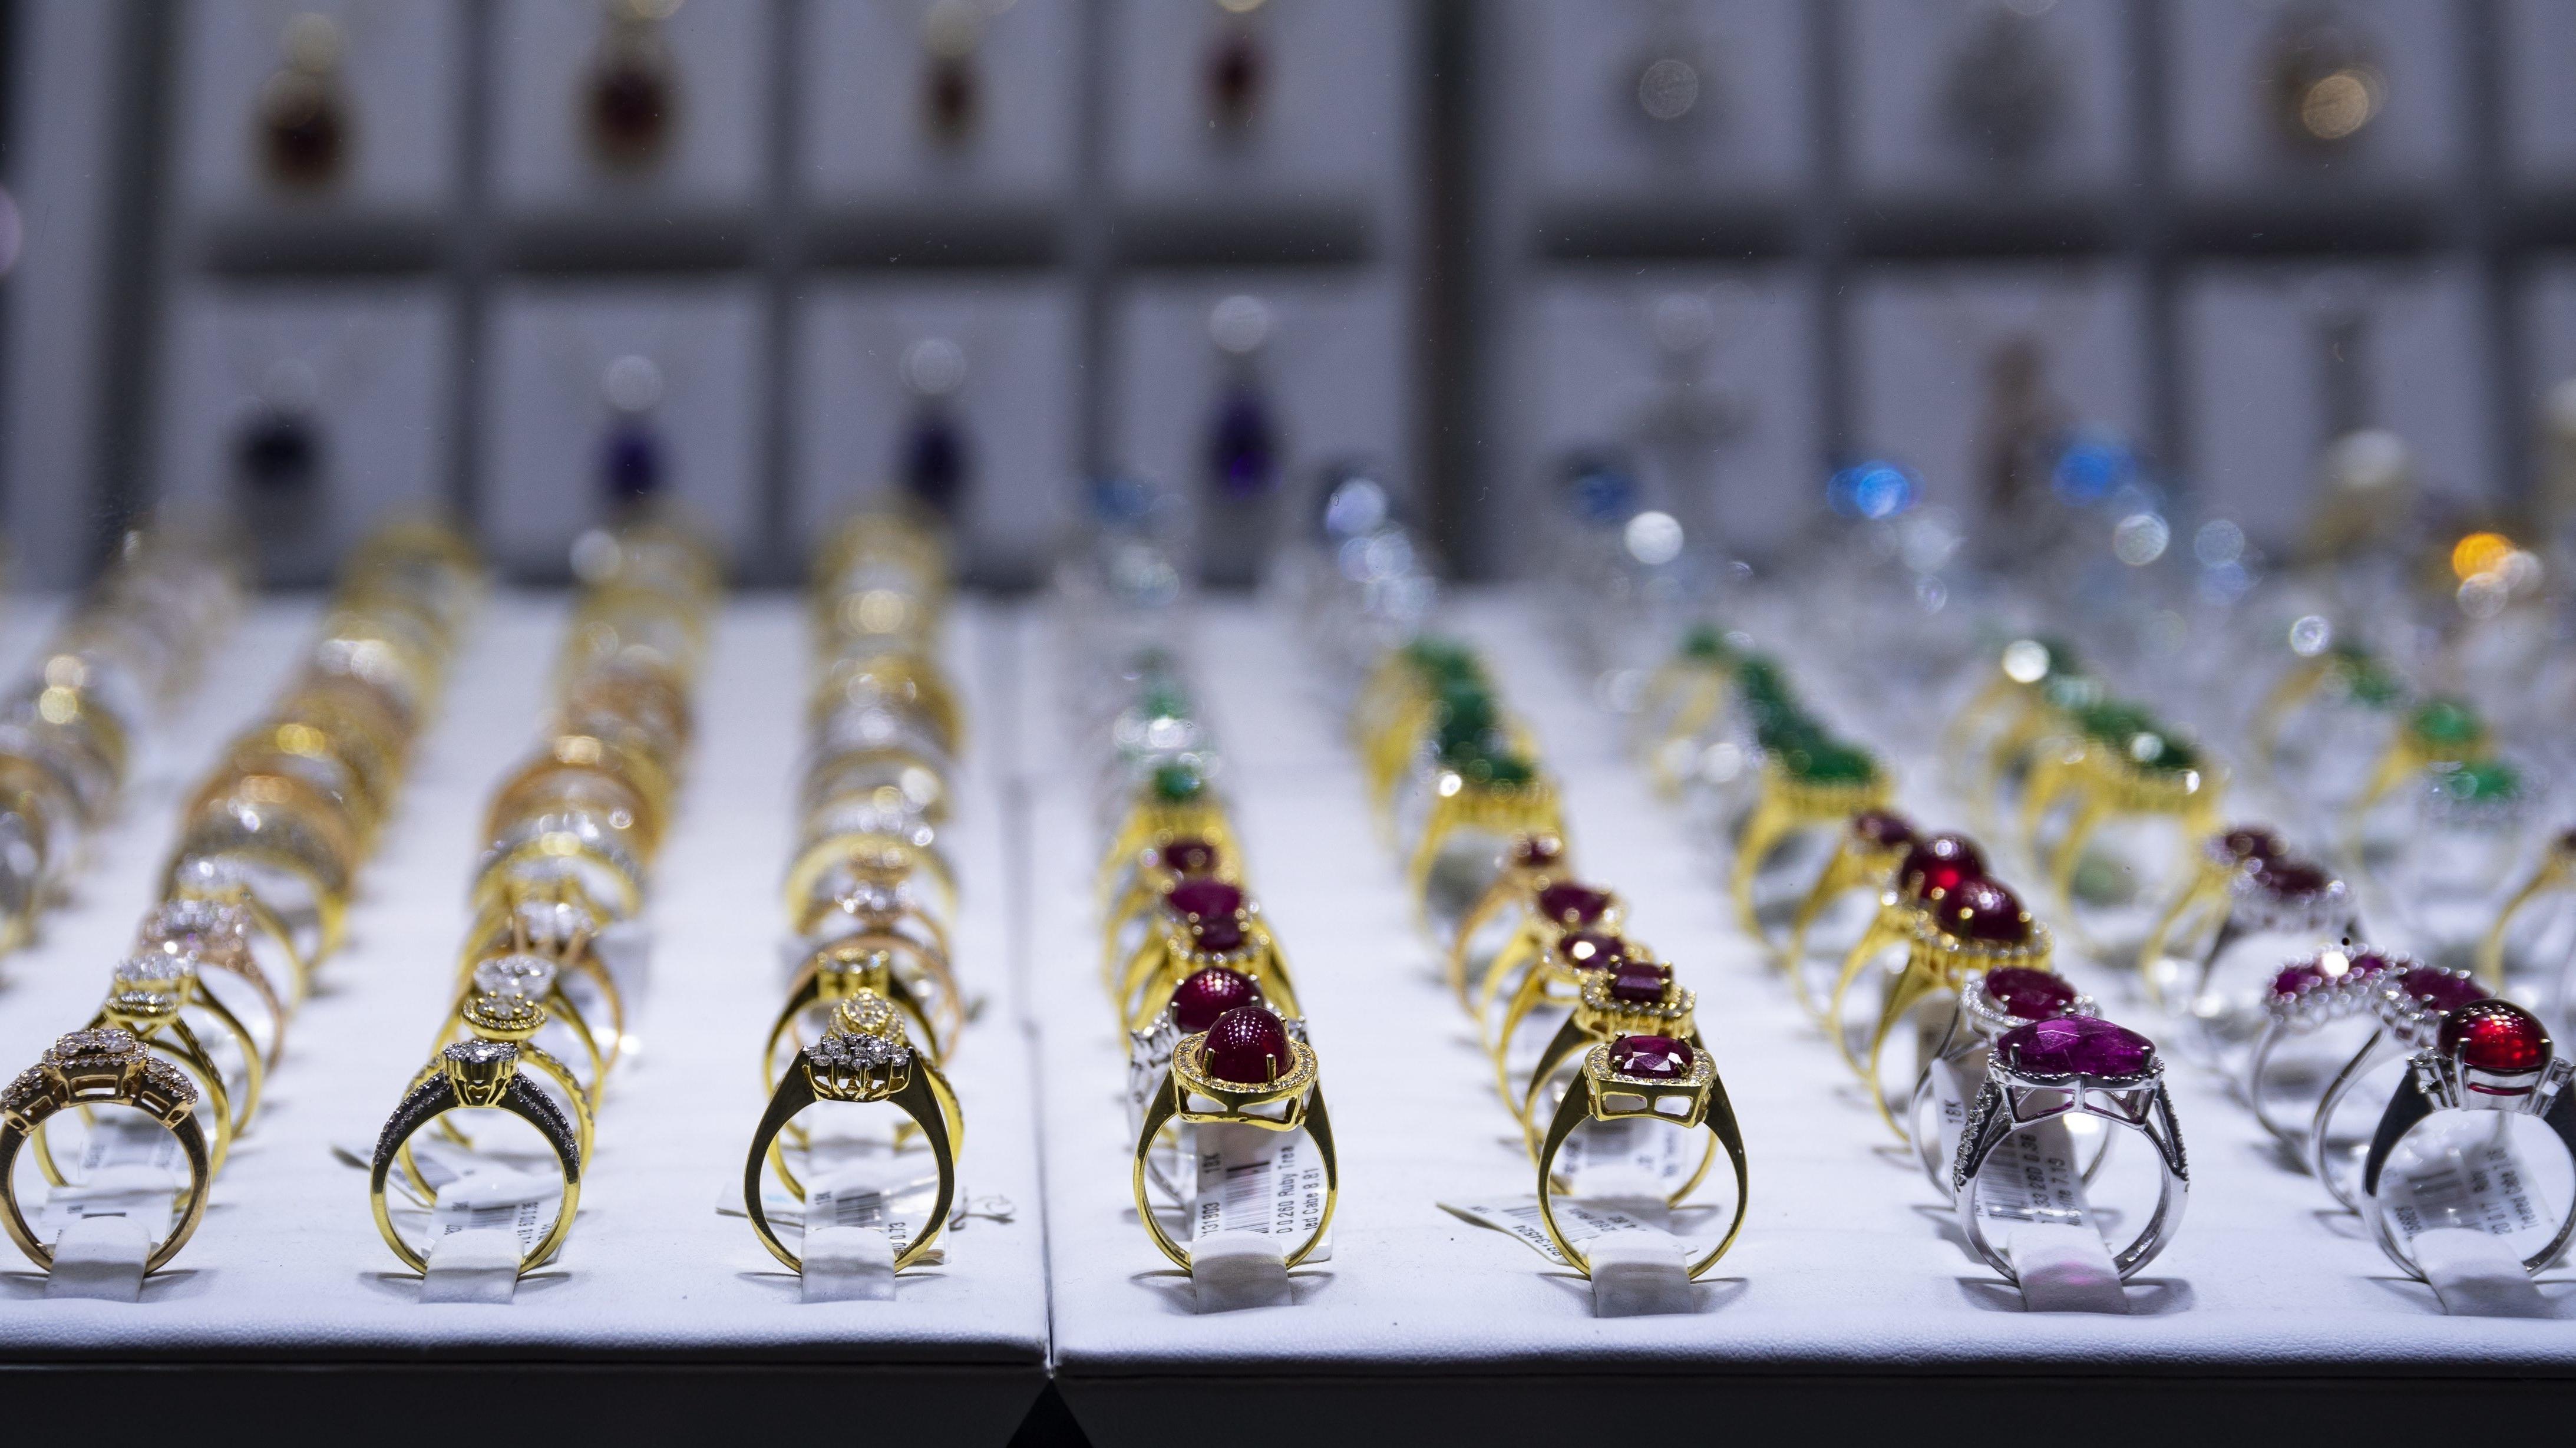 Symbolbild: Mit Edelsteinen besetzte Goldringe füllen die Auslage eines Geschäfts.